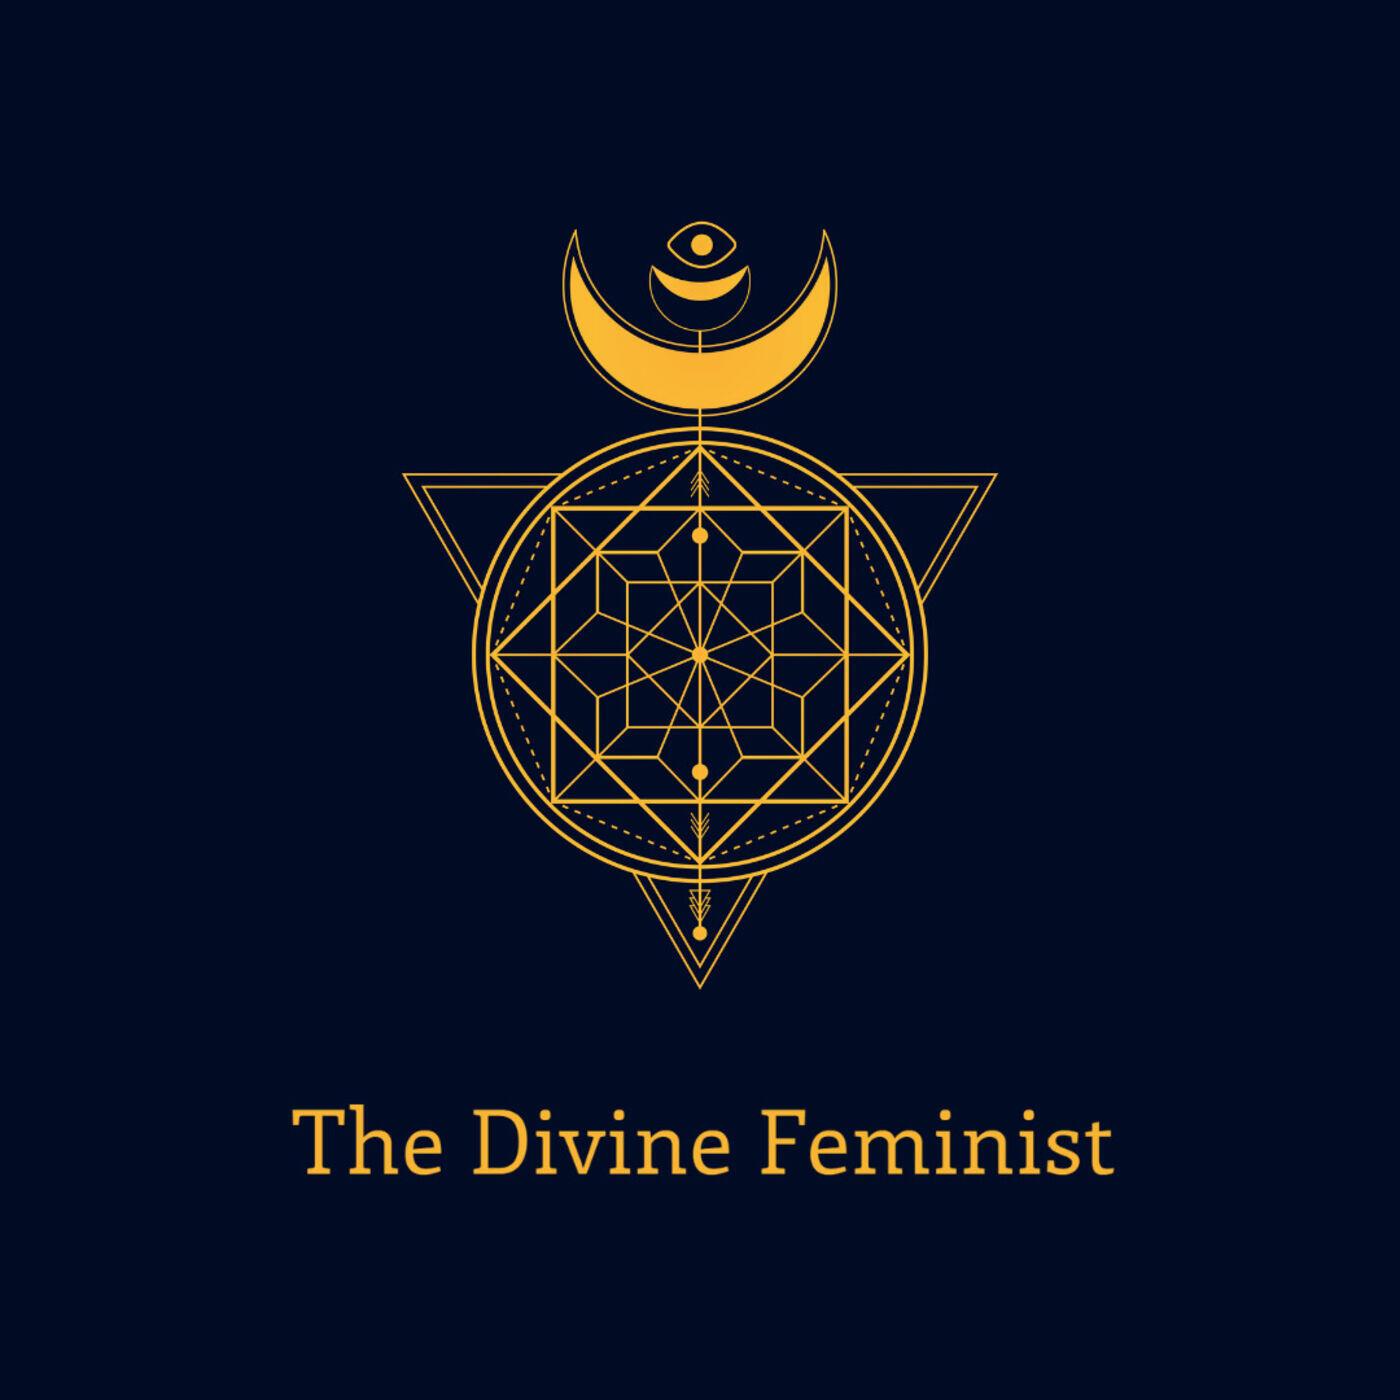 The Divine Feminist